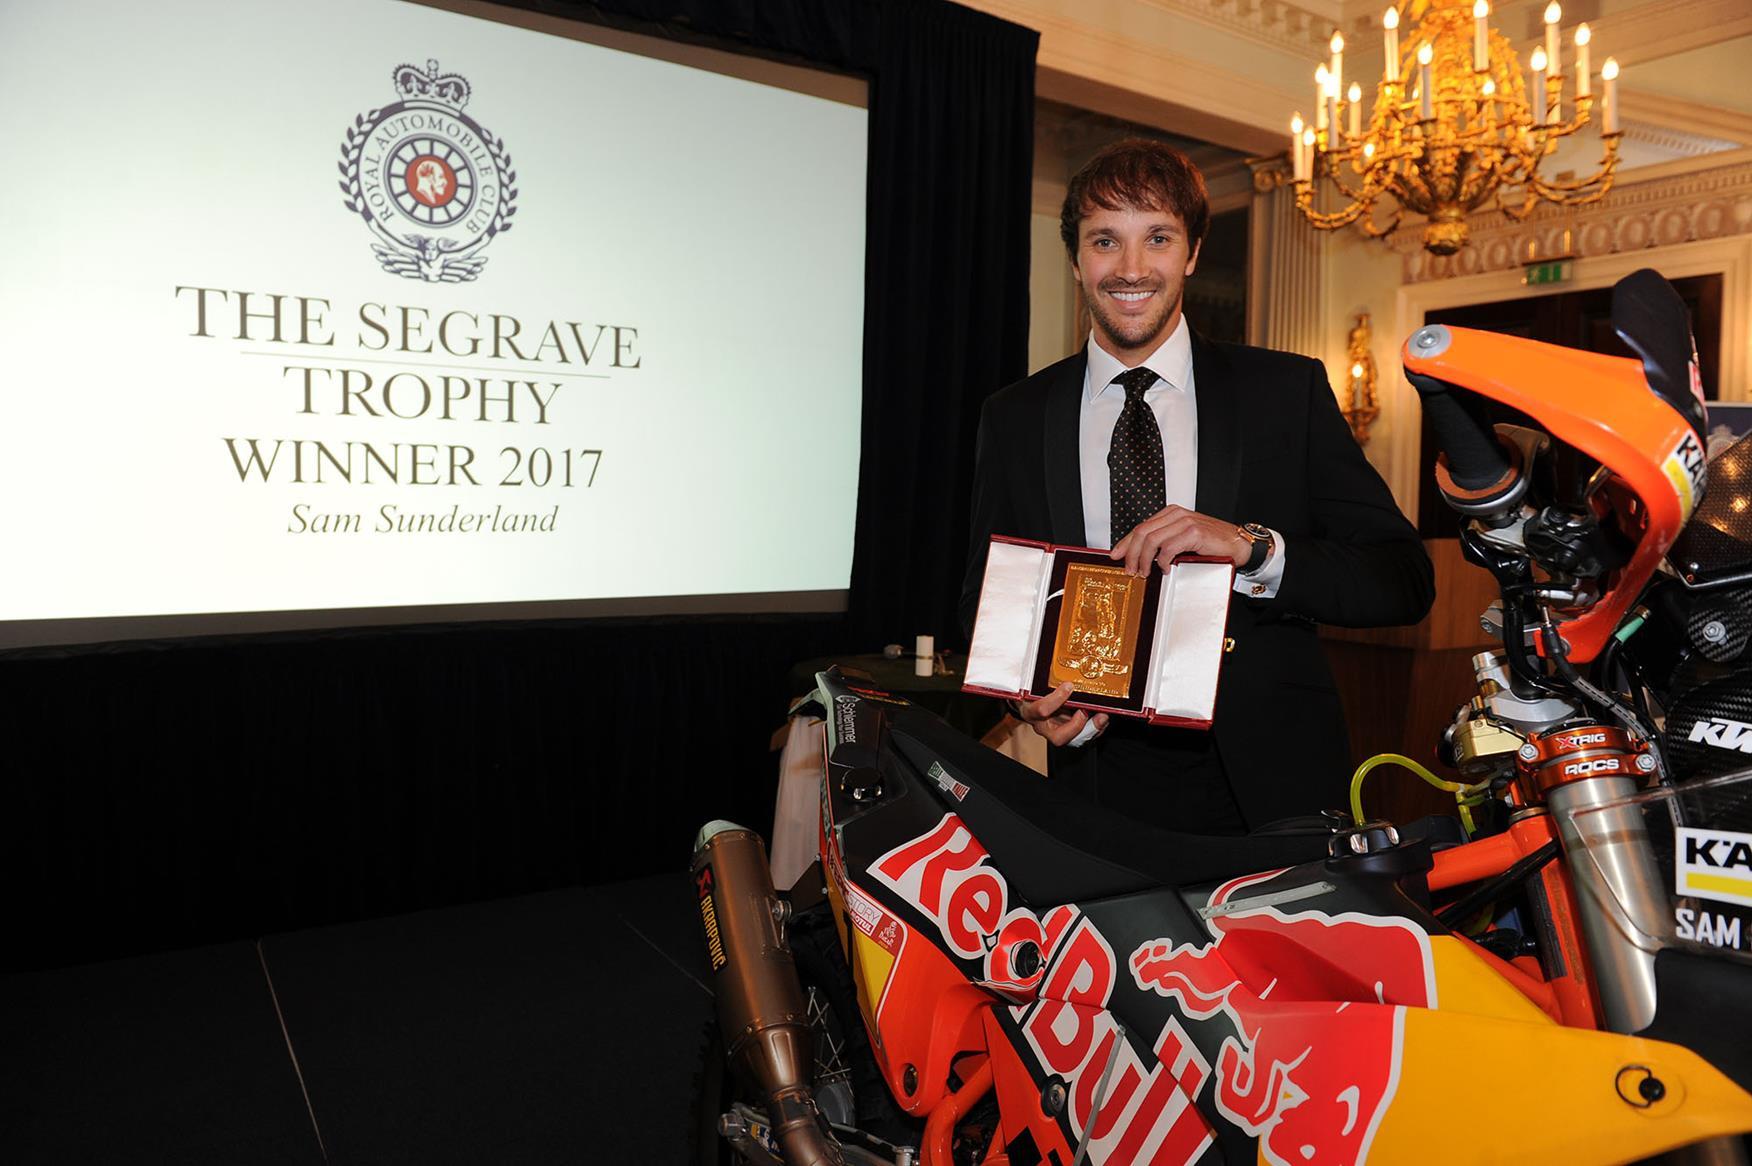 Sam Sunderland is awarded prestigious Segrave Trophy